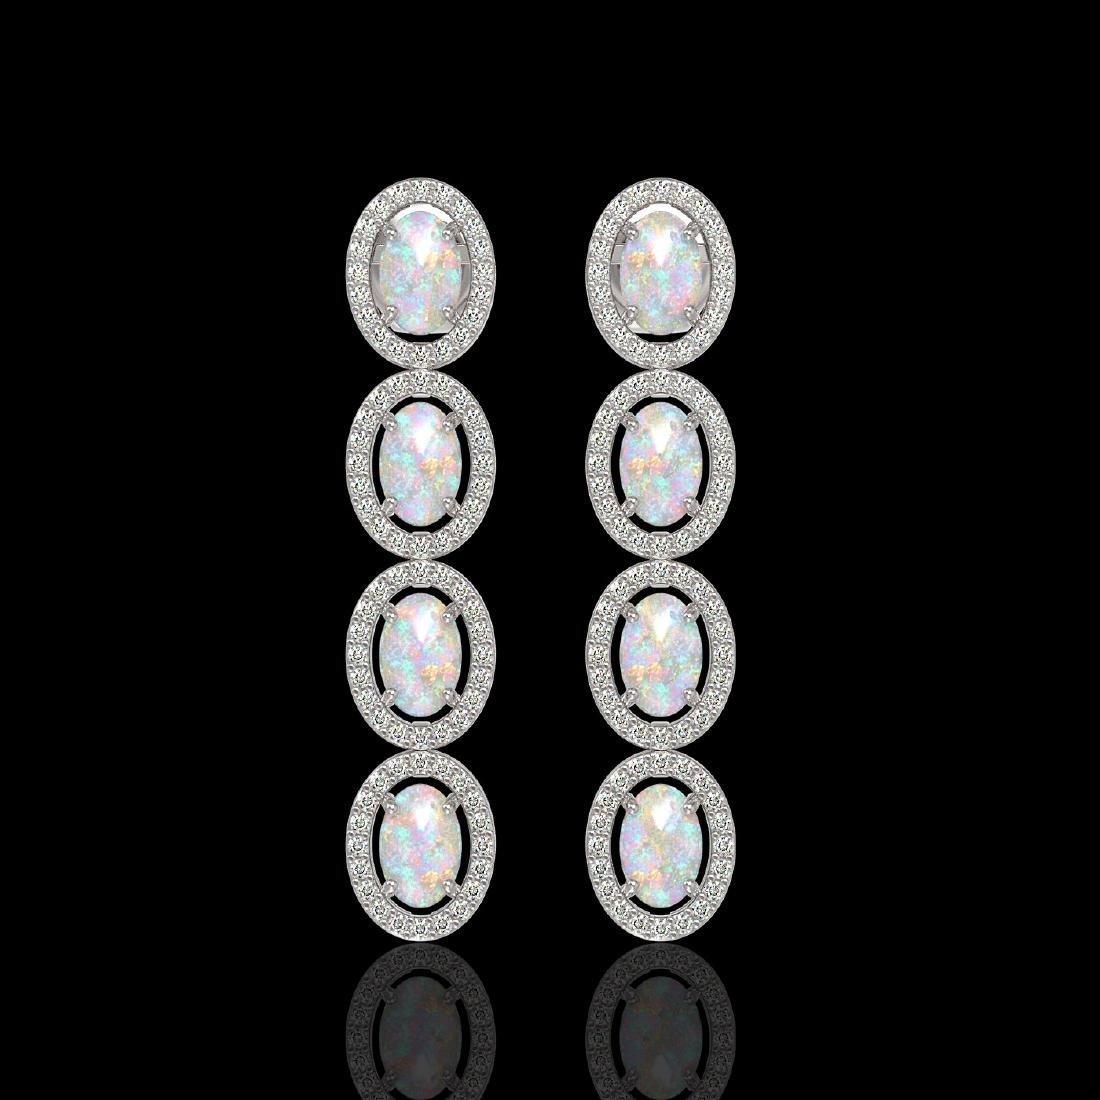 4.05 CTW Opal & Diamond Halo Earrings 10K White Gold